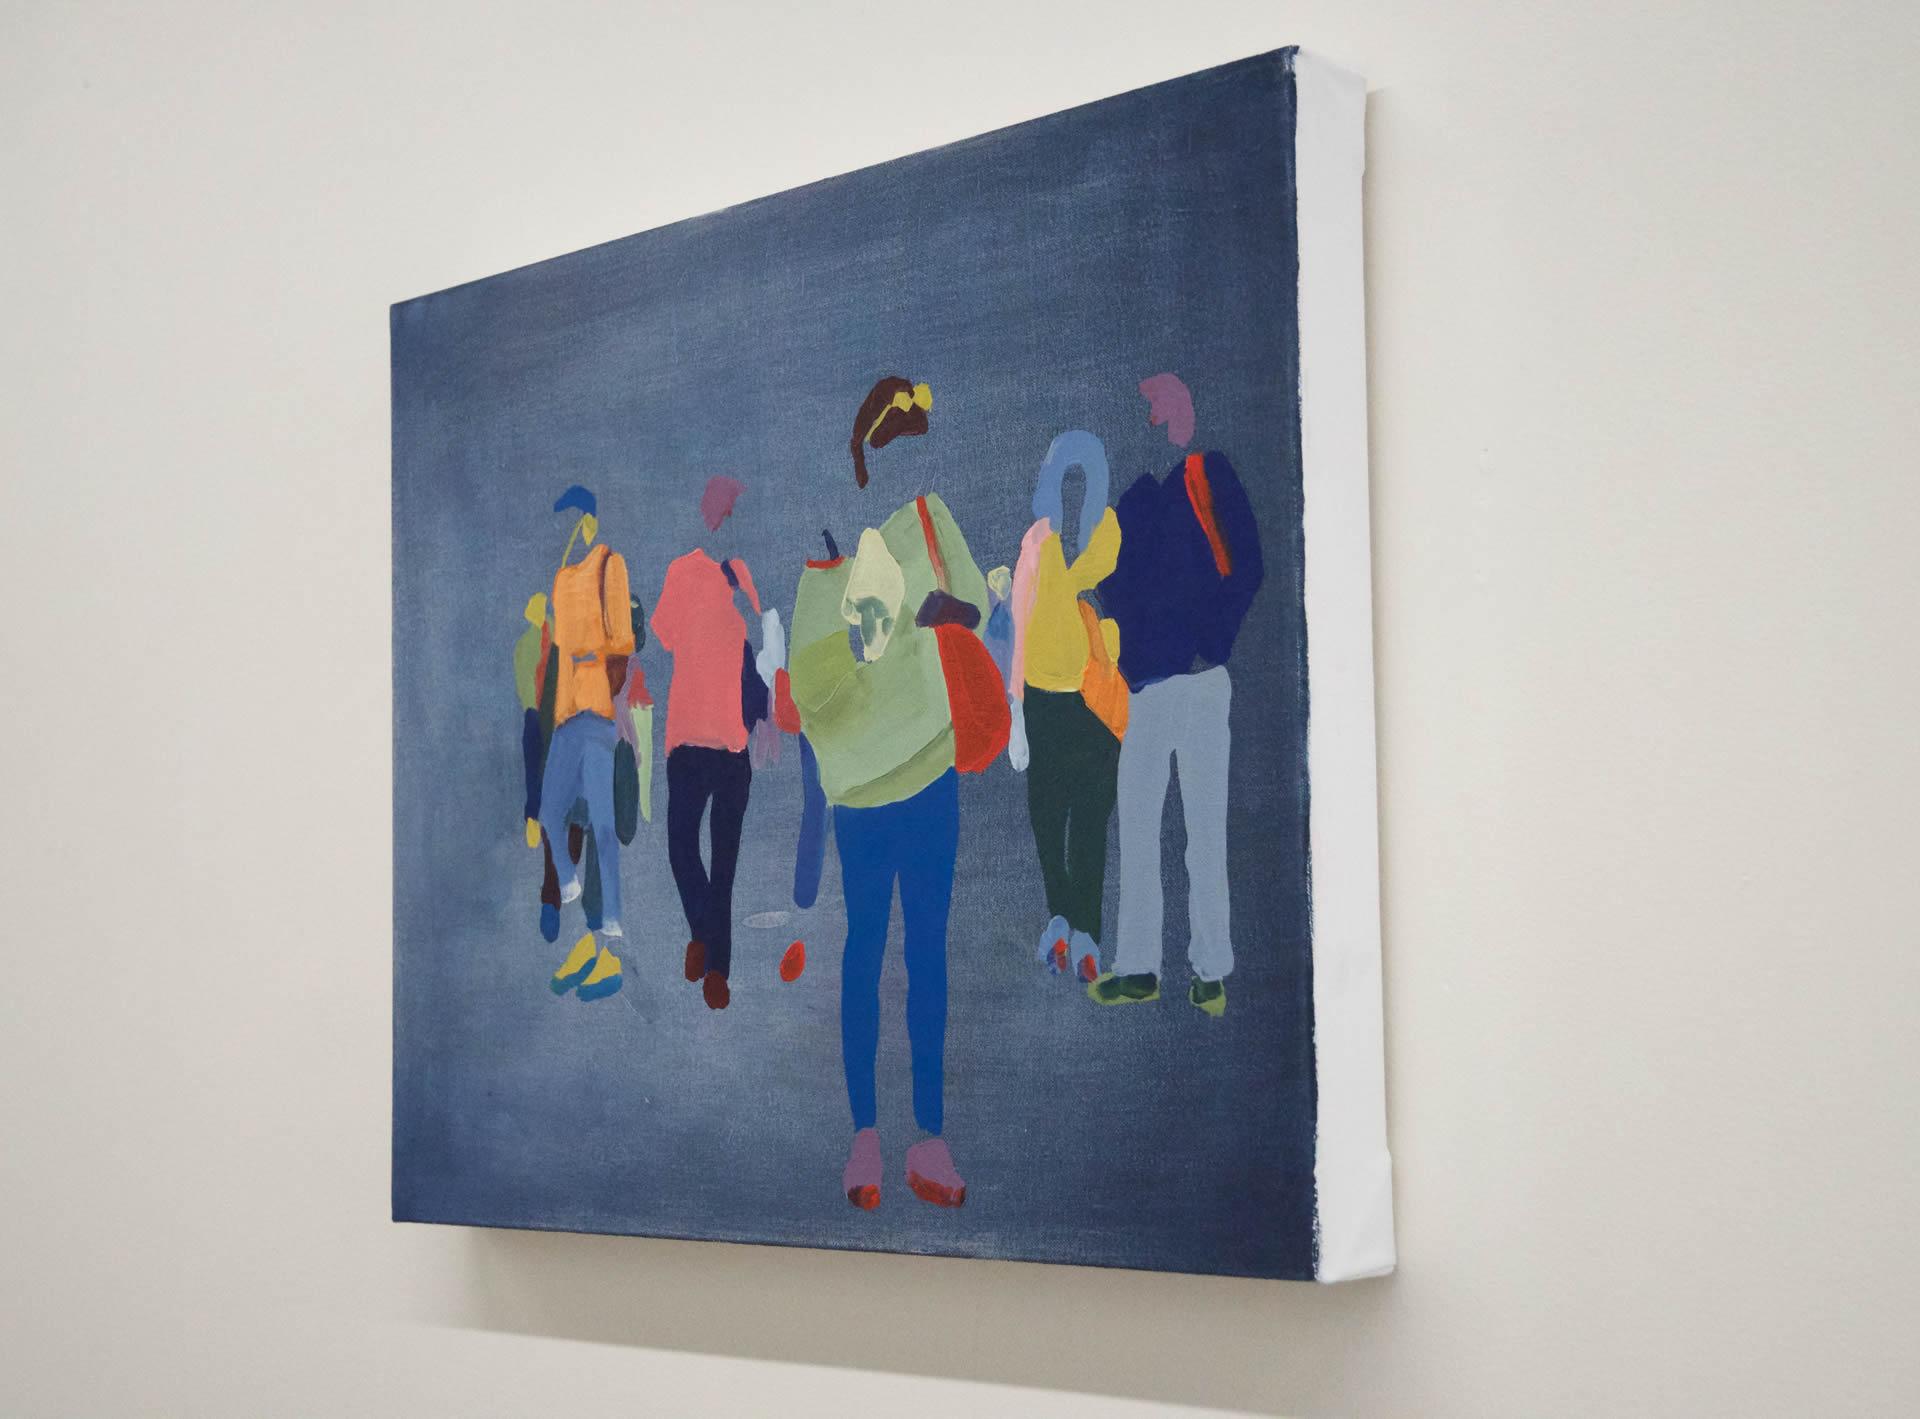 Sherry-Czekus-Checking-Messages-On-Dark-Denim-2021-Oil-On-Canvas-16x20-700-Online-Art-Galleries-side